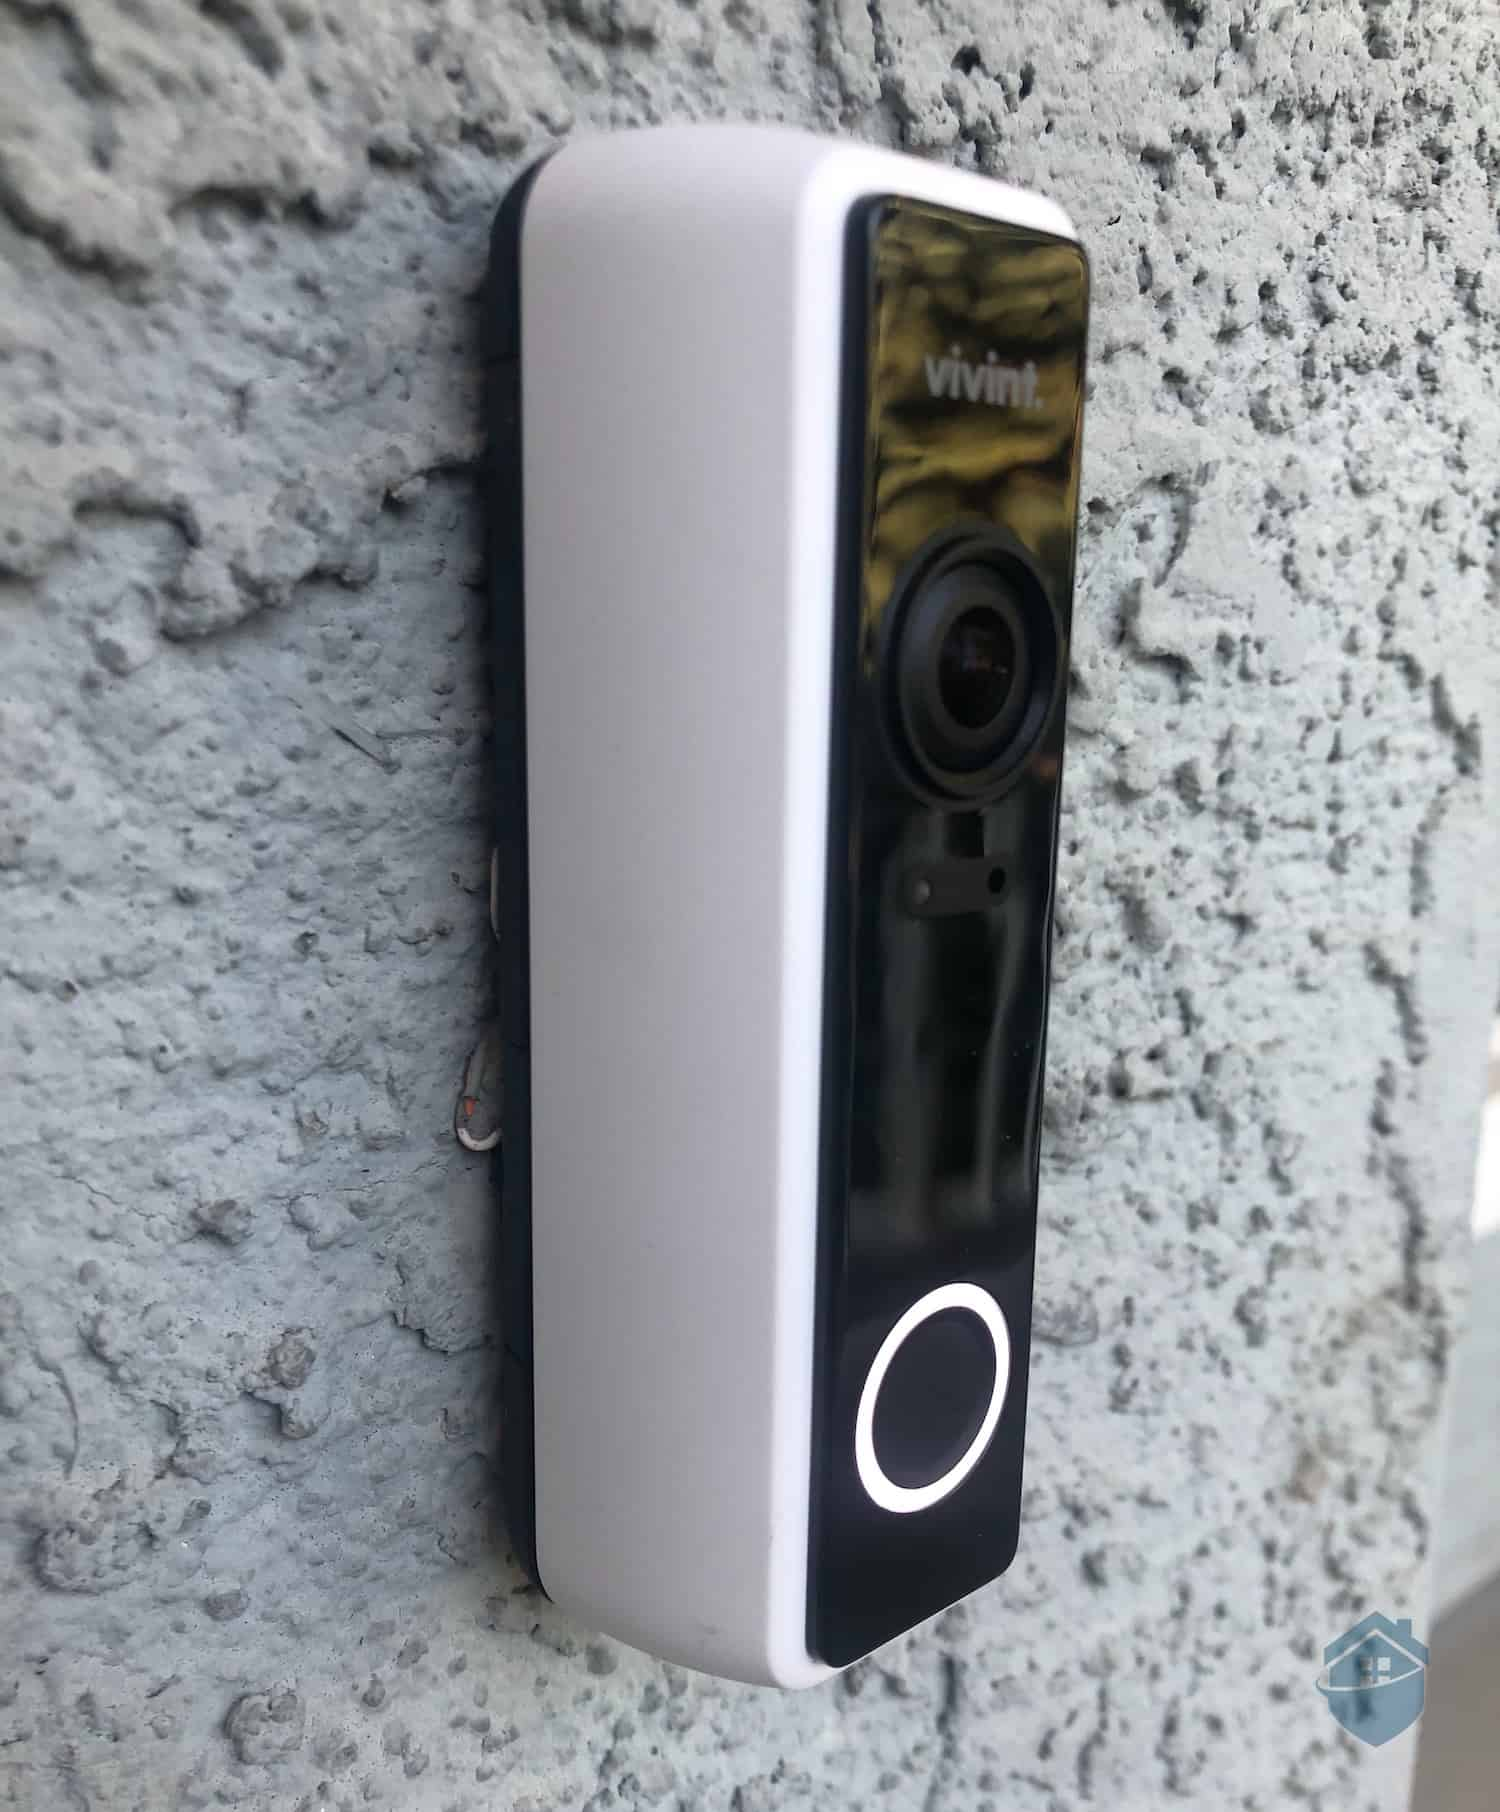 Vivint Video Doorbell, Installed